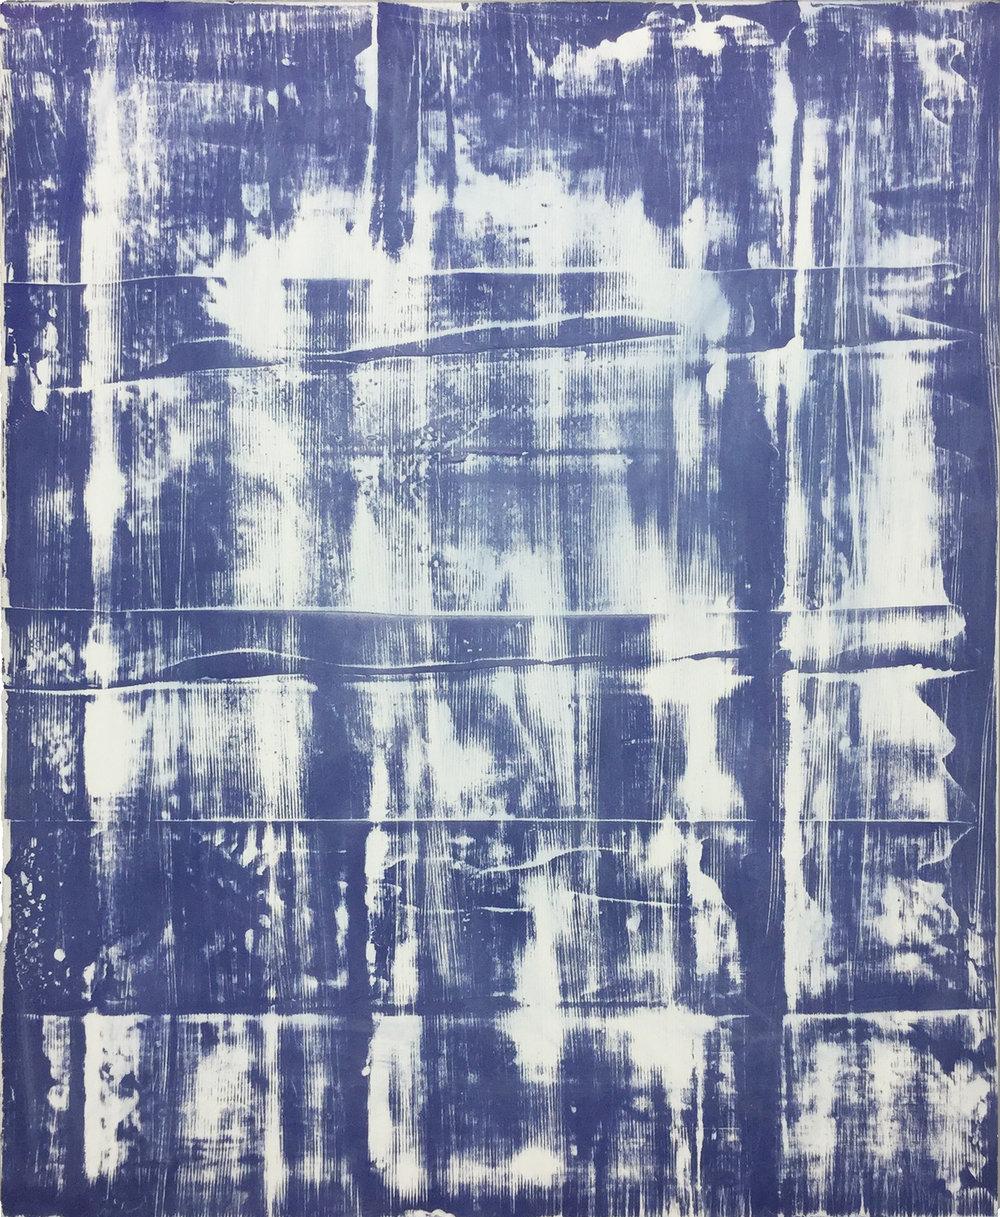 """Pierre Julien,  Offcut 02 , 2017, plâtre et acrylique sur gypse, 30"""" x 24"""" (76 x 61 cm)"""